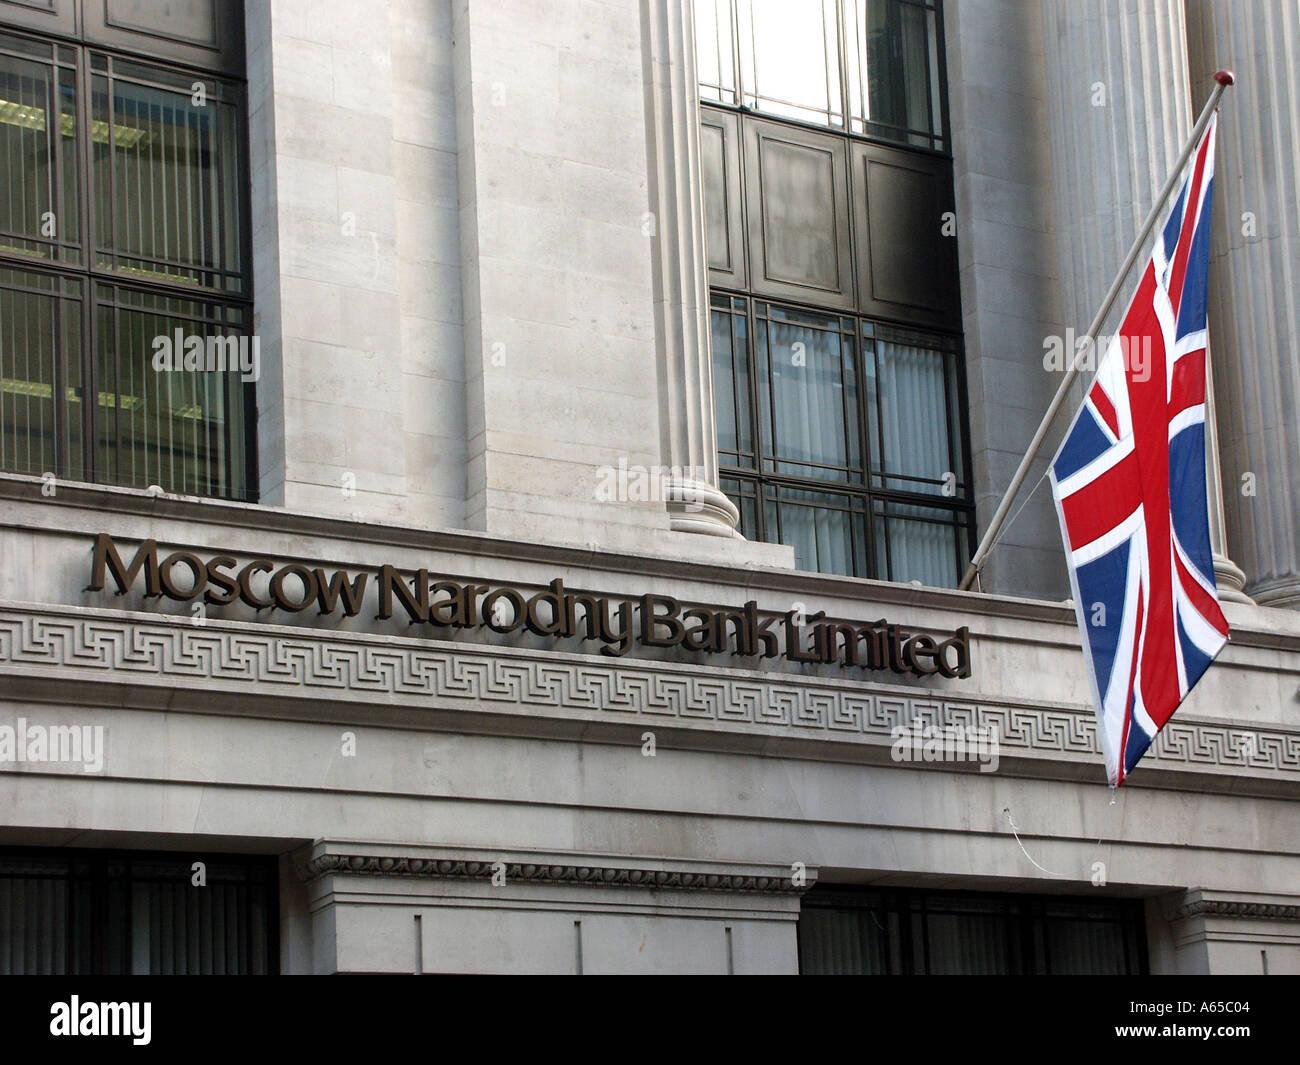 Московской Народный Банк в Лондоне